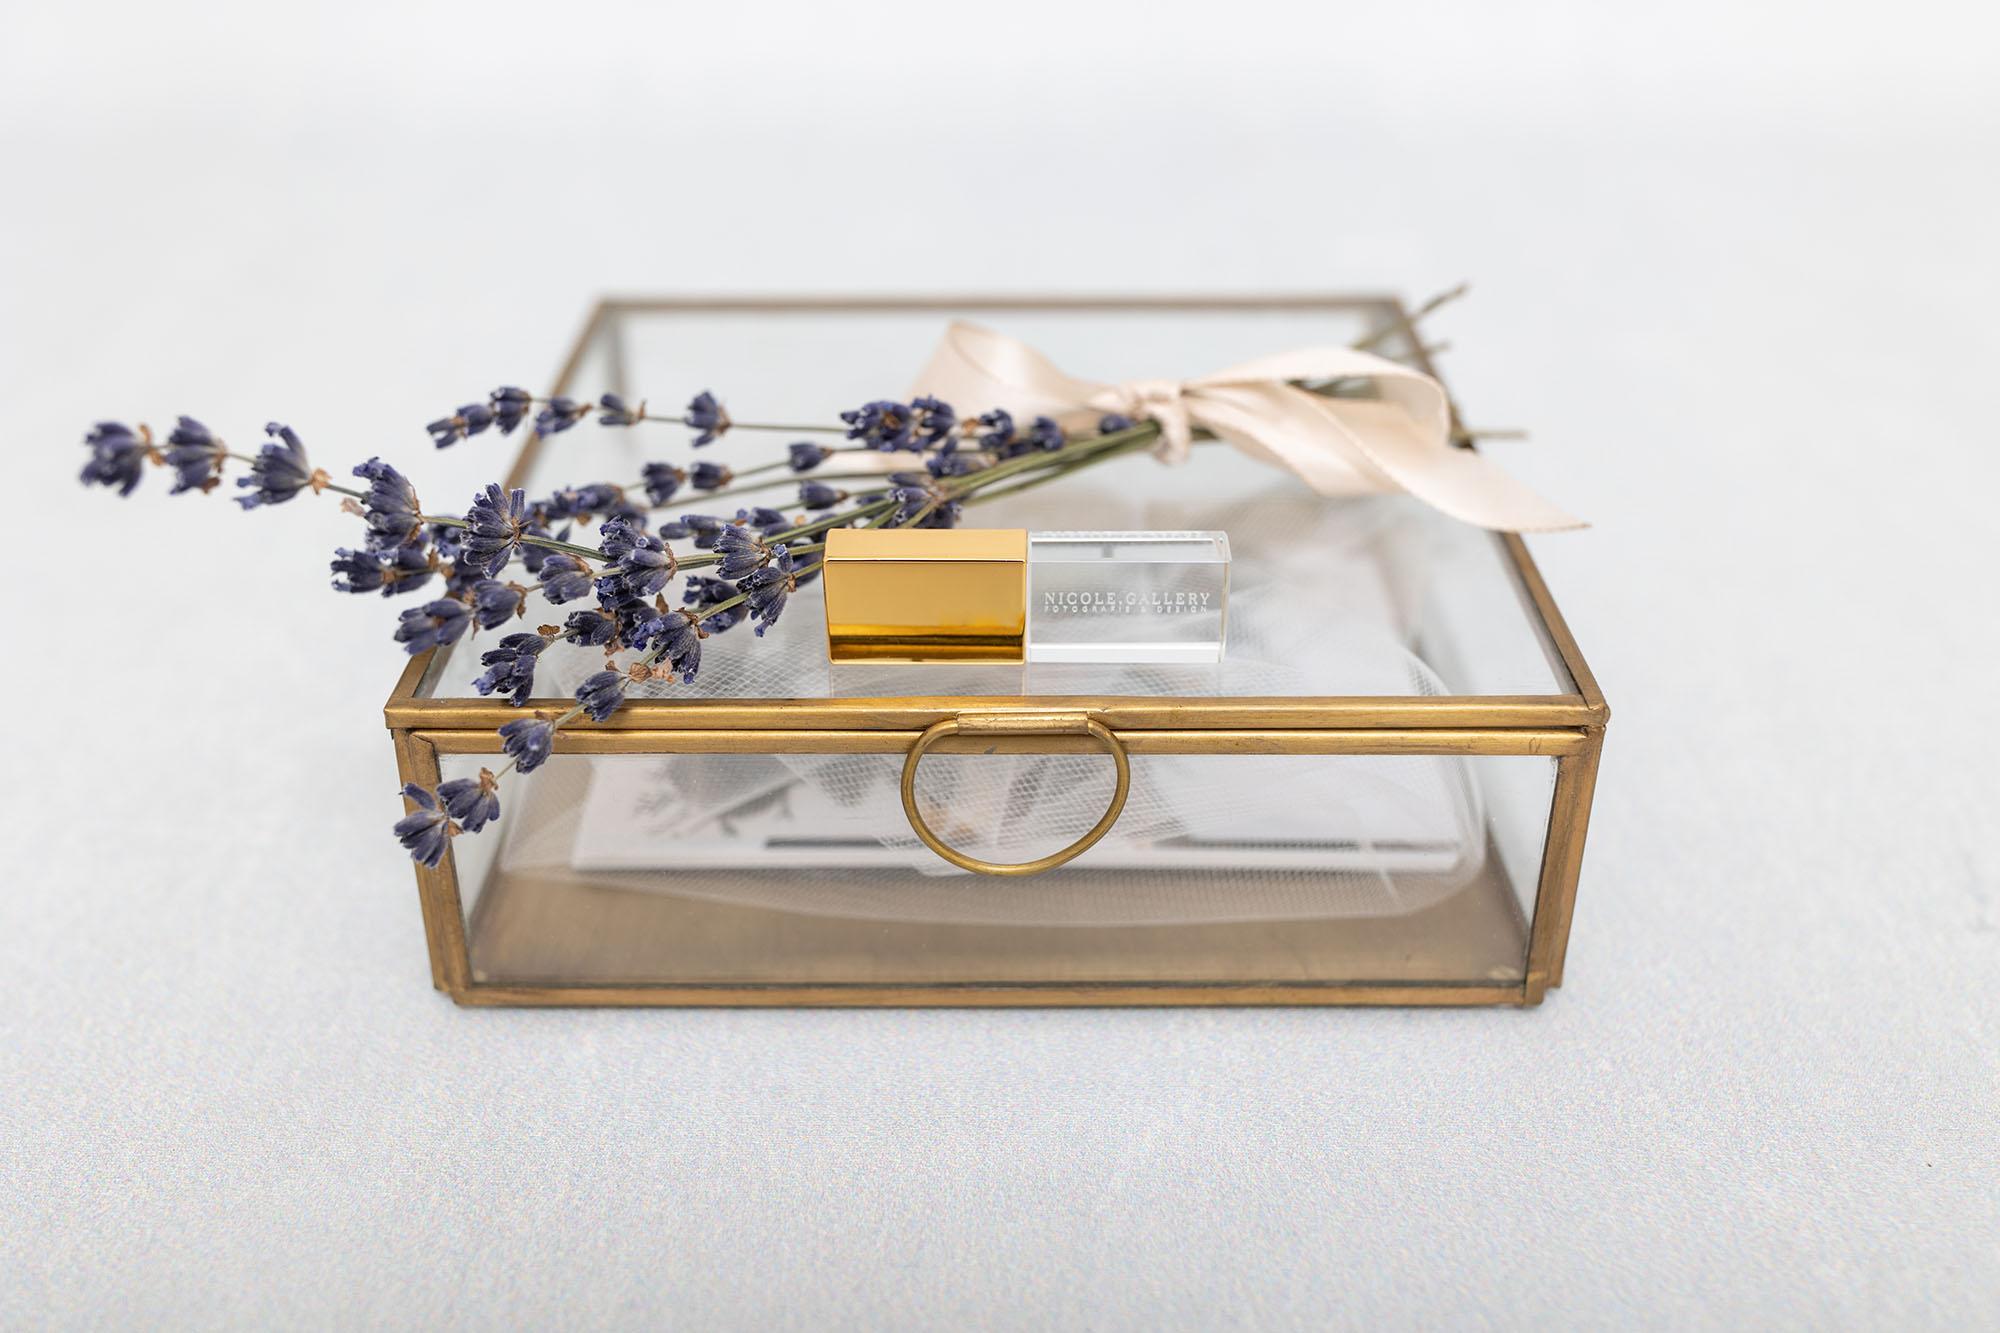 Hochzeitsbox Fotografie - Geschenkbox aus Glas für meine Brautpaare - Fineart Prints - USB Stick